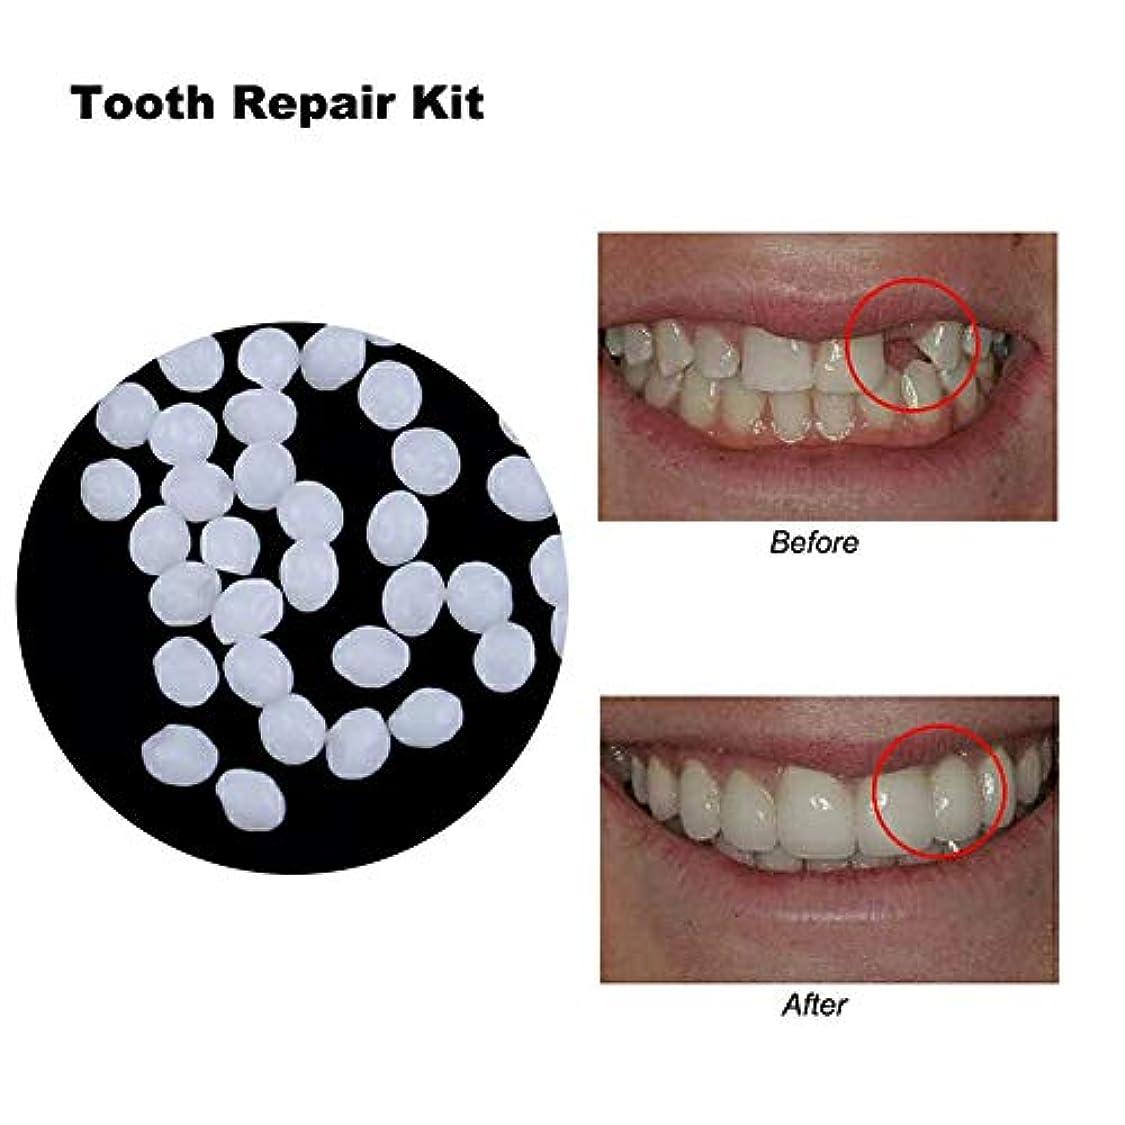 努力する社交的服偽歯固体接着剤、樹脂の歯とギャップのための一時的な化粧品の歯の修復キットクリエイティブ義歯接着剤,10ml14g